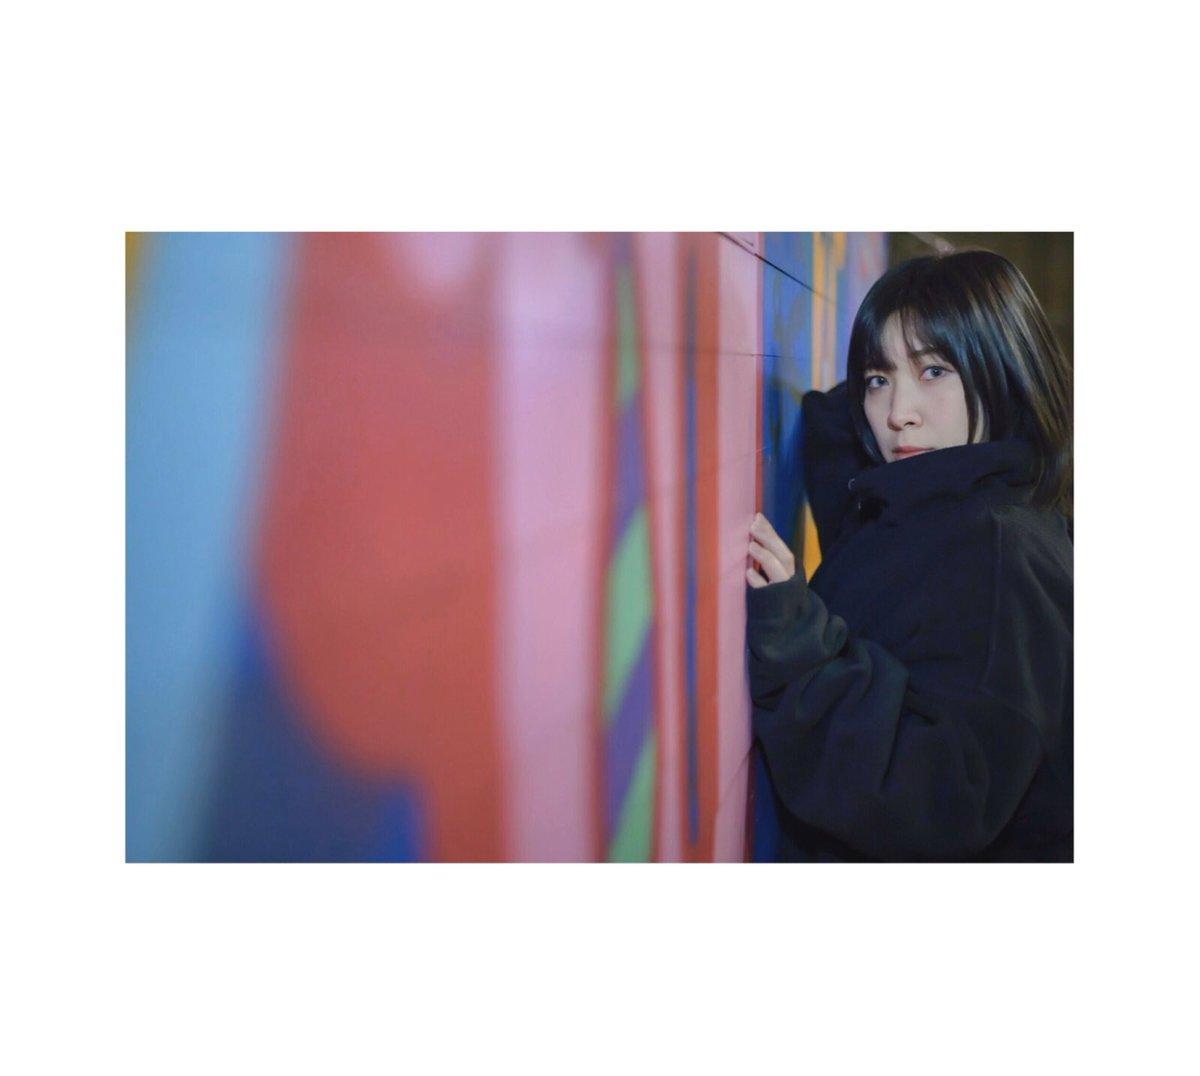 * .  colorful×black  #ポートレート #被写体  #フリーモデル #被写体なります  #ポートレートしま専科 #写真好きな人と繋がりたい #カメラマンさんと繋がりたい  #東京カメラ部 #雰囲気好きな人いいね #写真で伝えたい私の世界 #photography #portraitpic.twitter.com/tzxC5emQUM